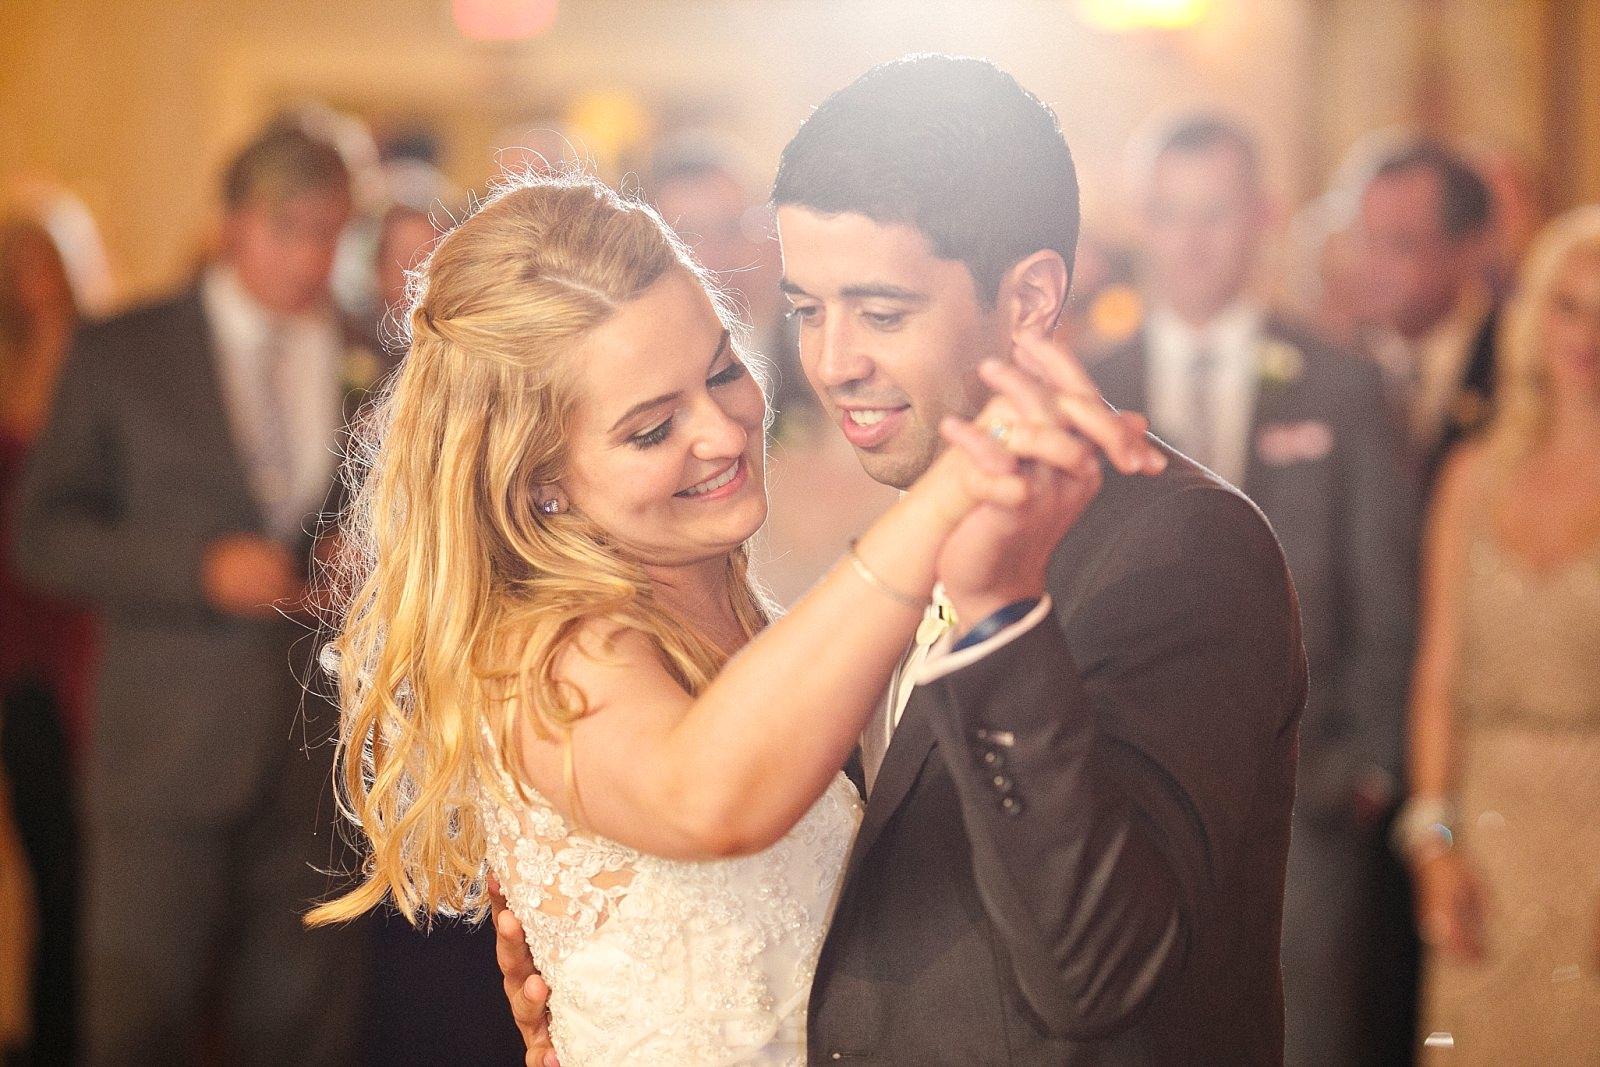 CT_Wedding_Photographer_KrCh_36.jpg